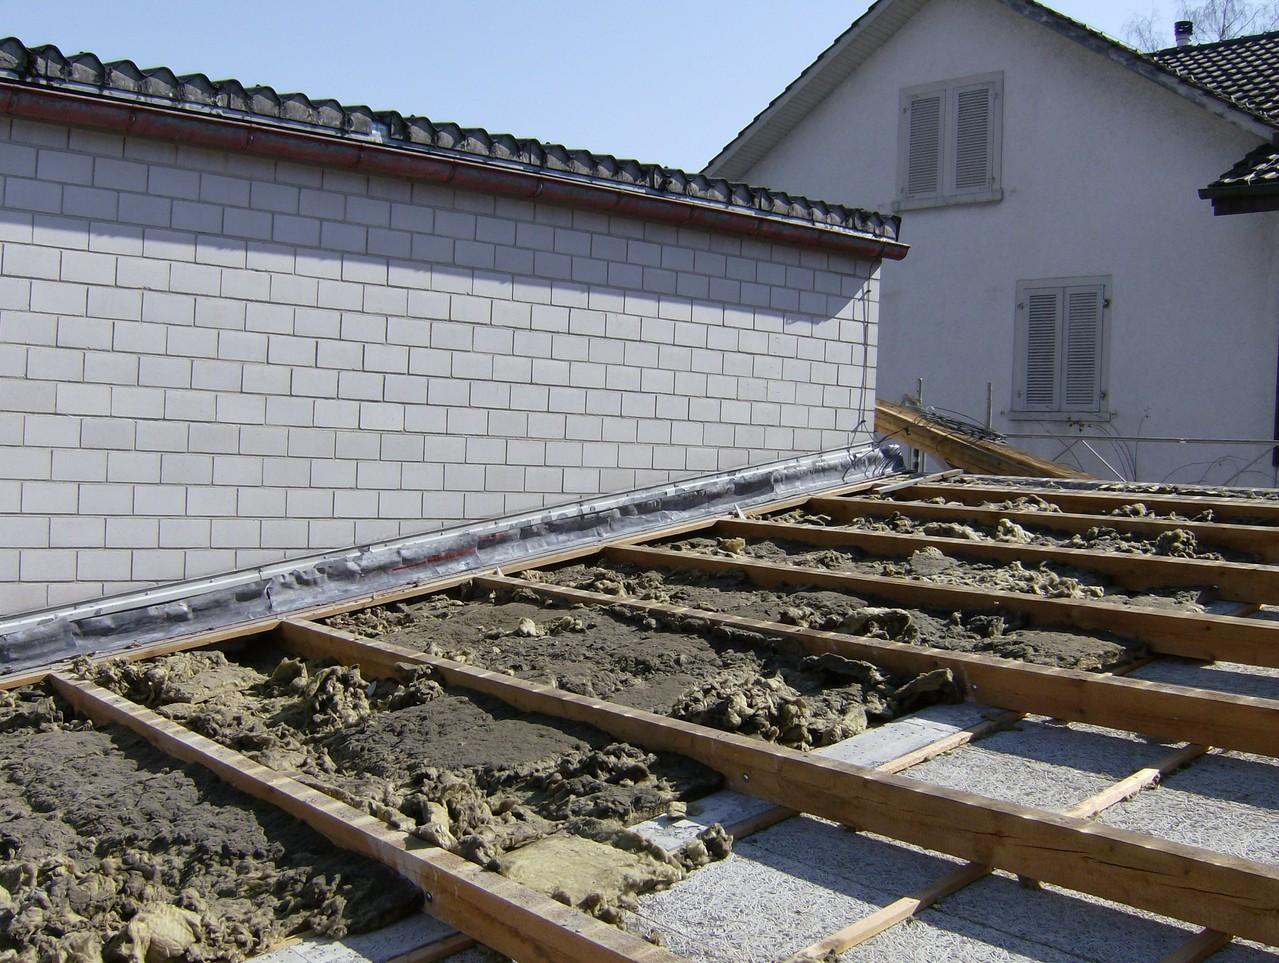 Marderschaden-Sanierung an Industriegebäude